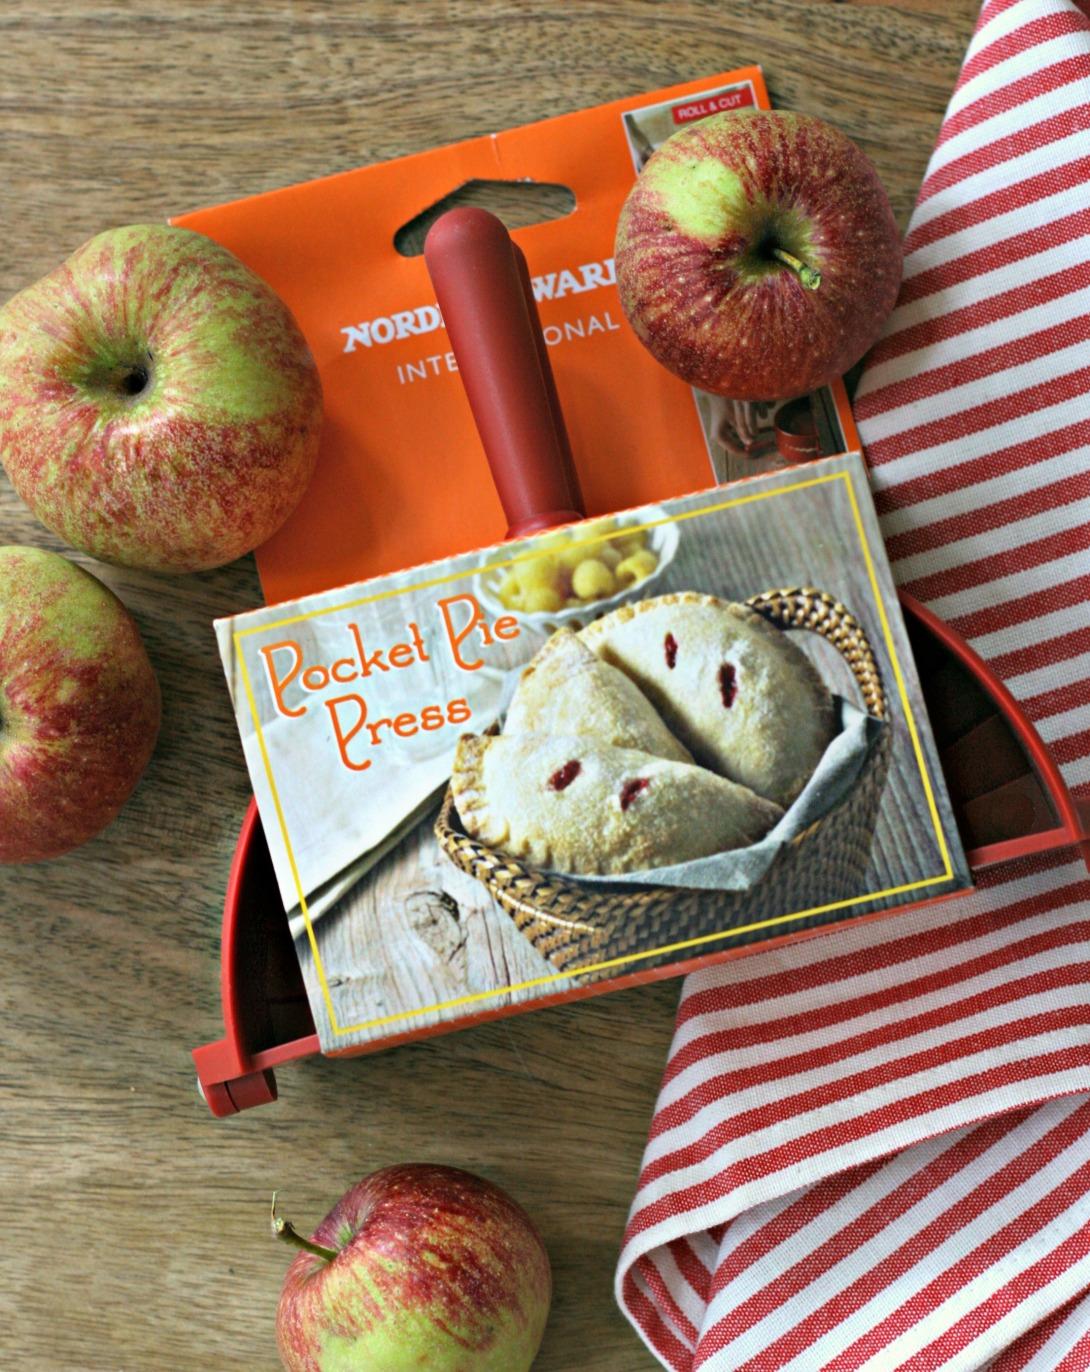 Nordicware-pocket-pie-press